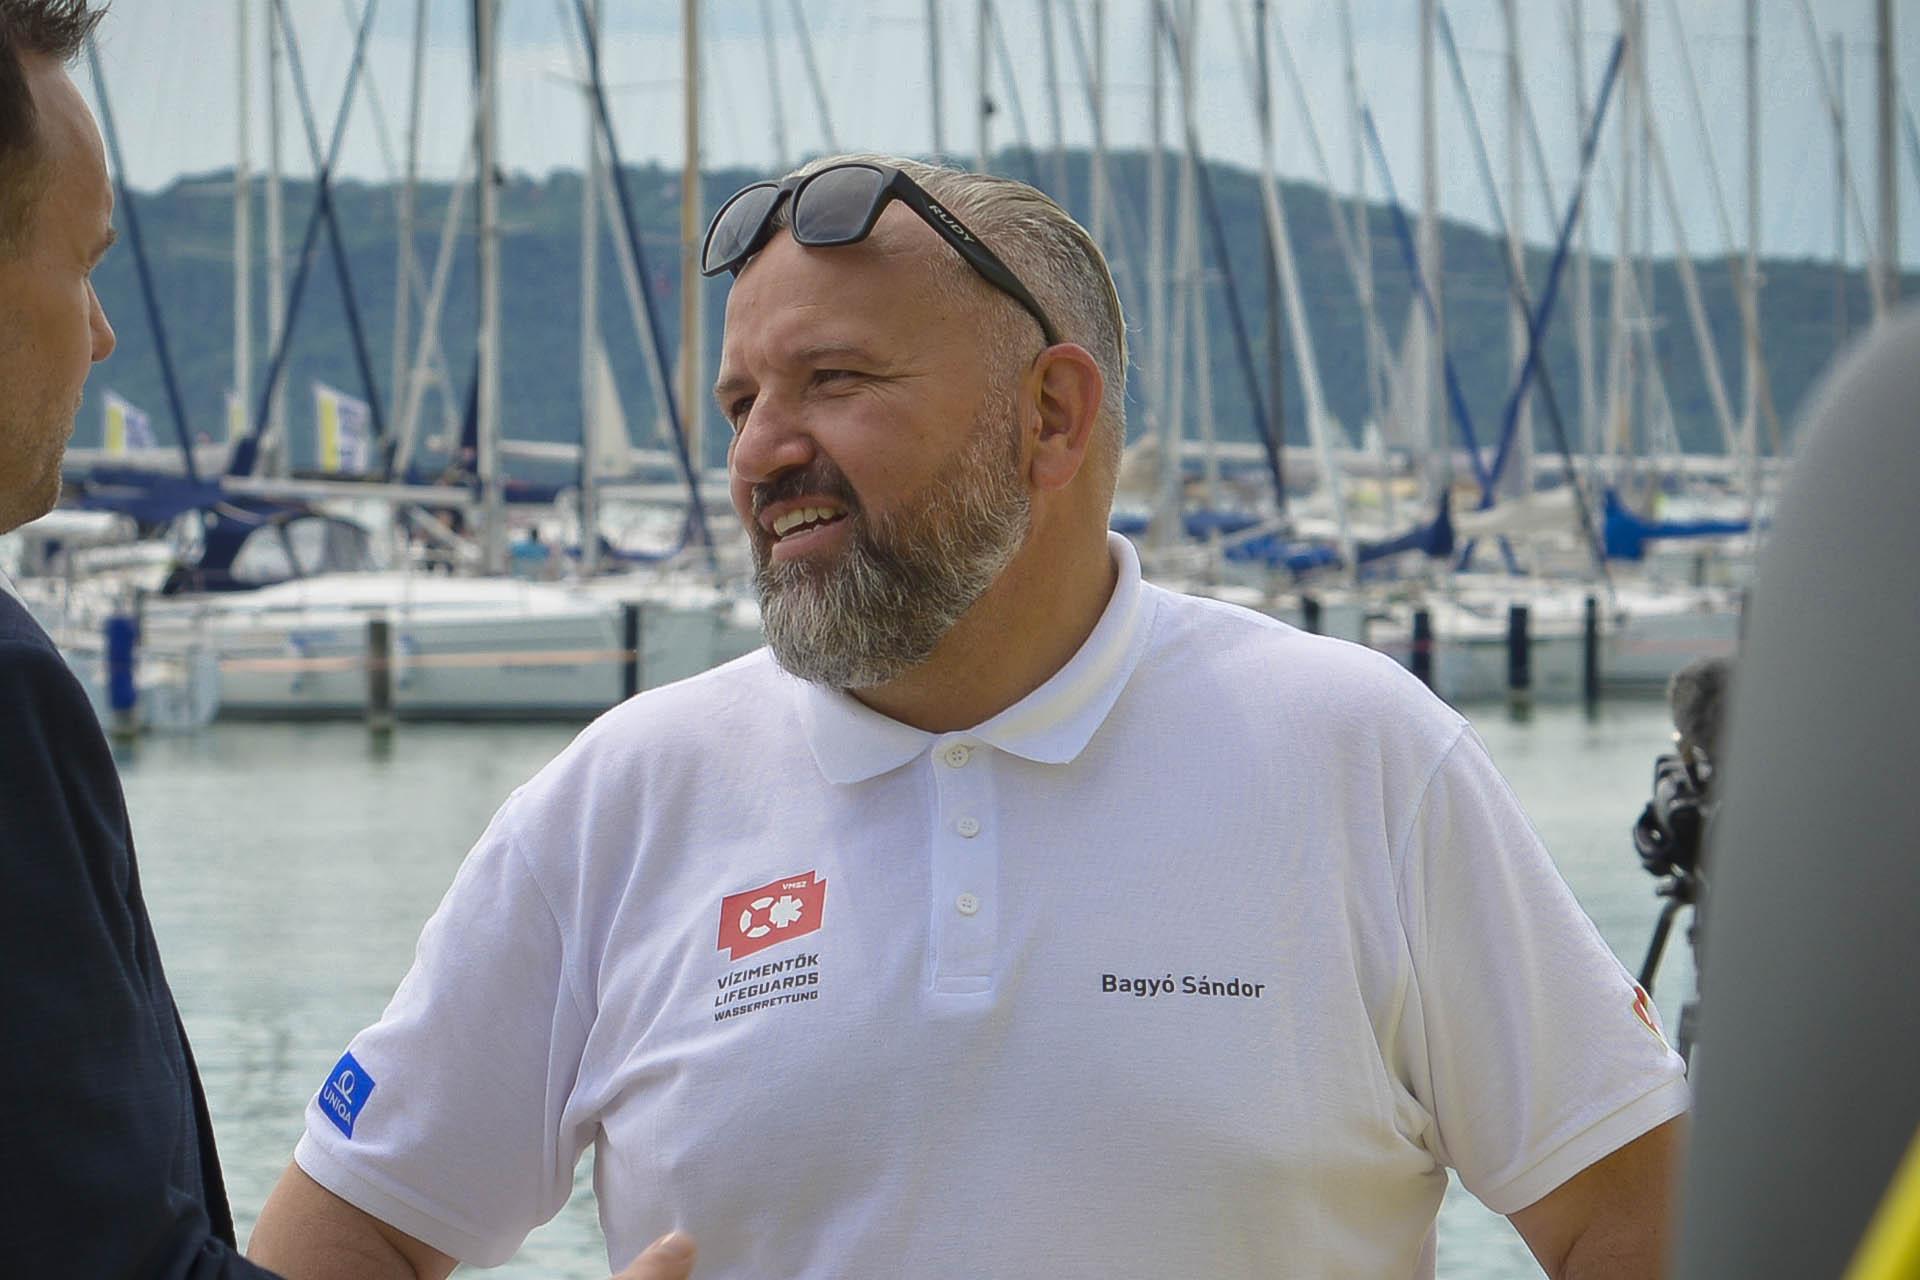 Bagyó Sándor - A Vízimentők Magyarországi Szakszolgálatának elnöke